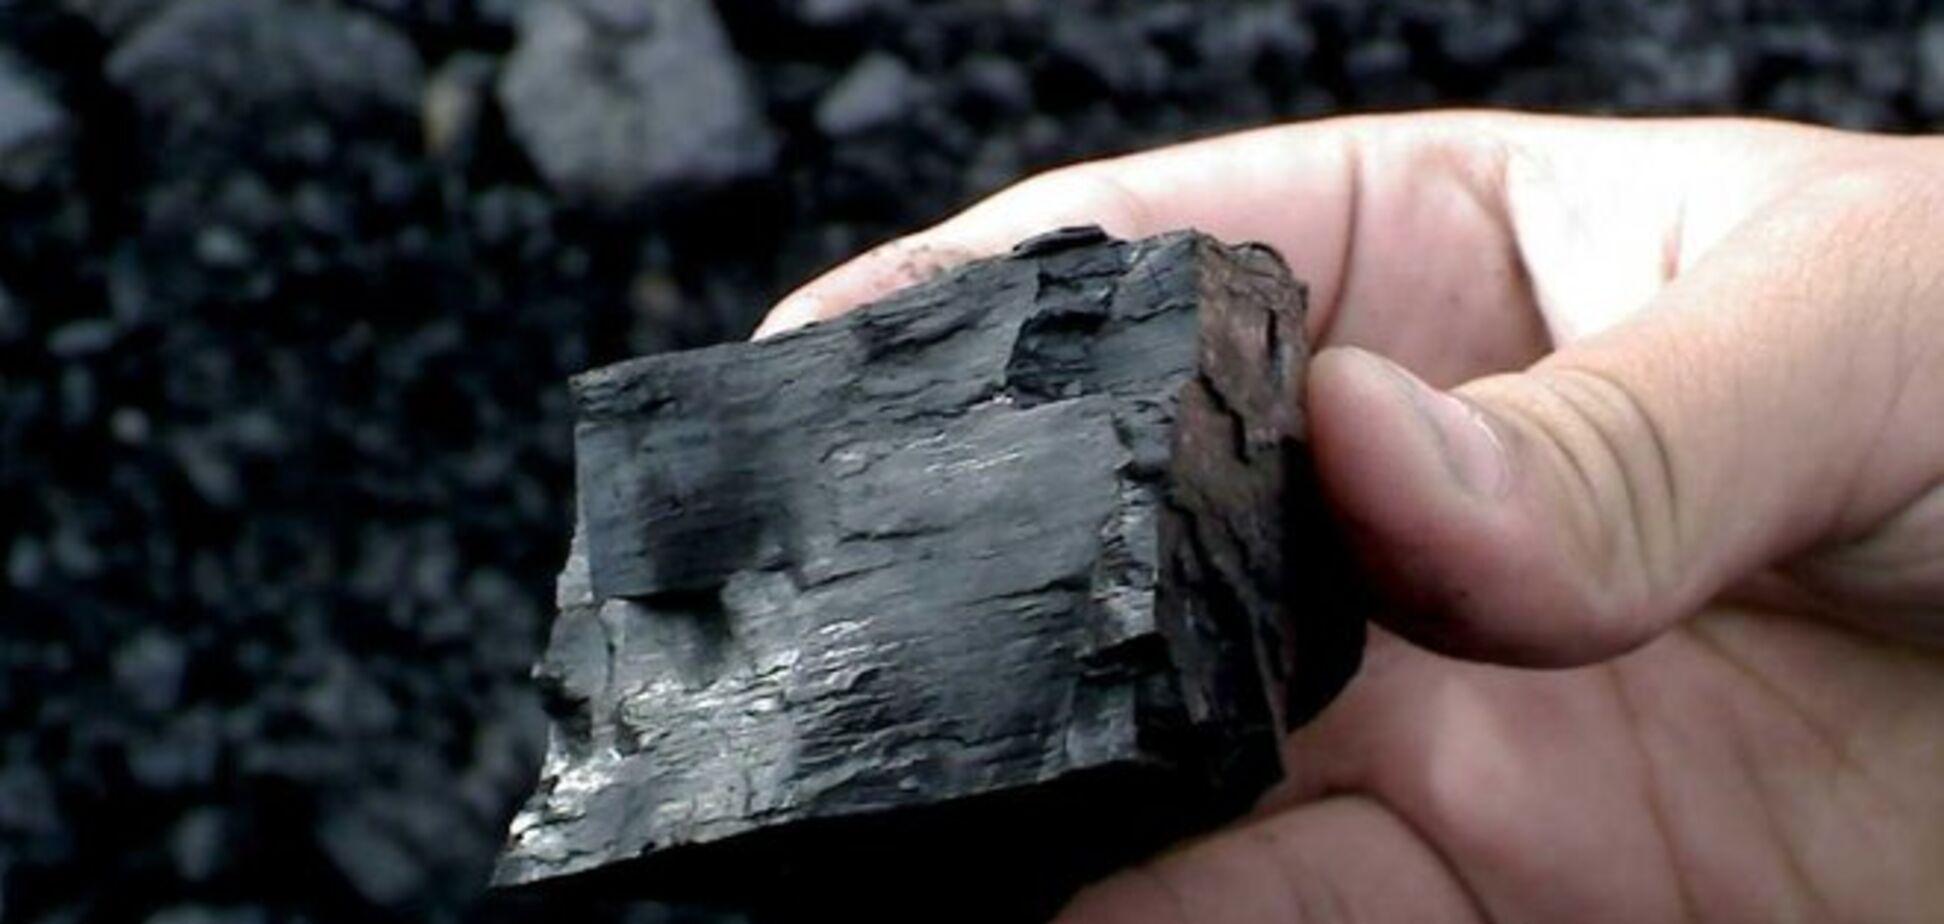 Угольный скандал: от чего отказалась Украина ради дорогого и некачественного топлива из ЮАР